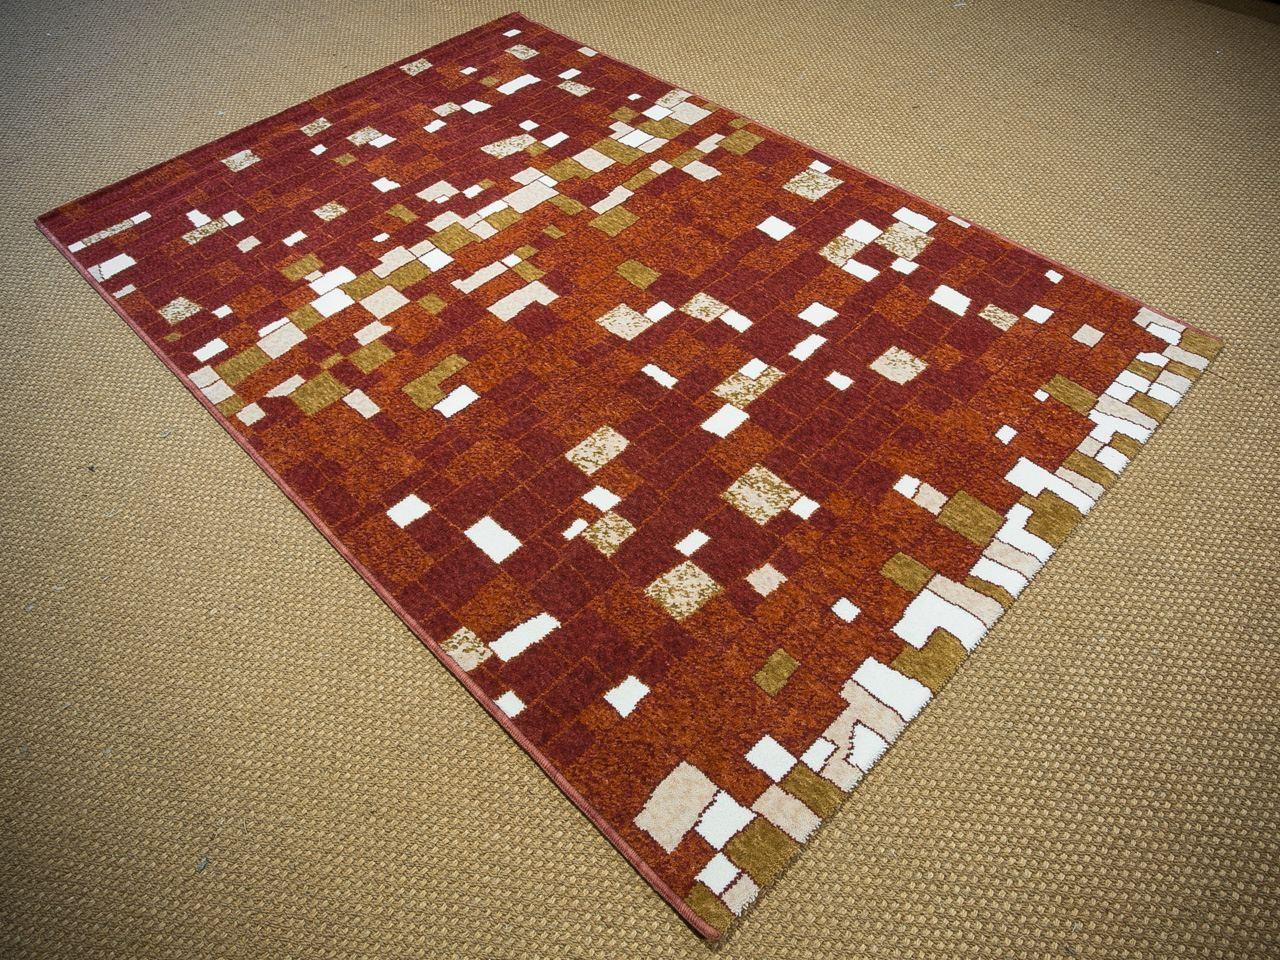 Alfombras de lana modernas alfombras de lana modernas - Alfombras lana modernas ...